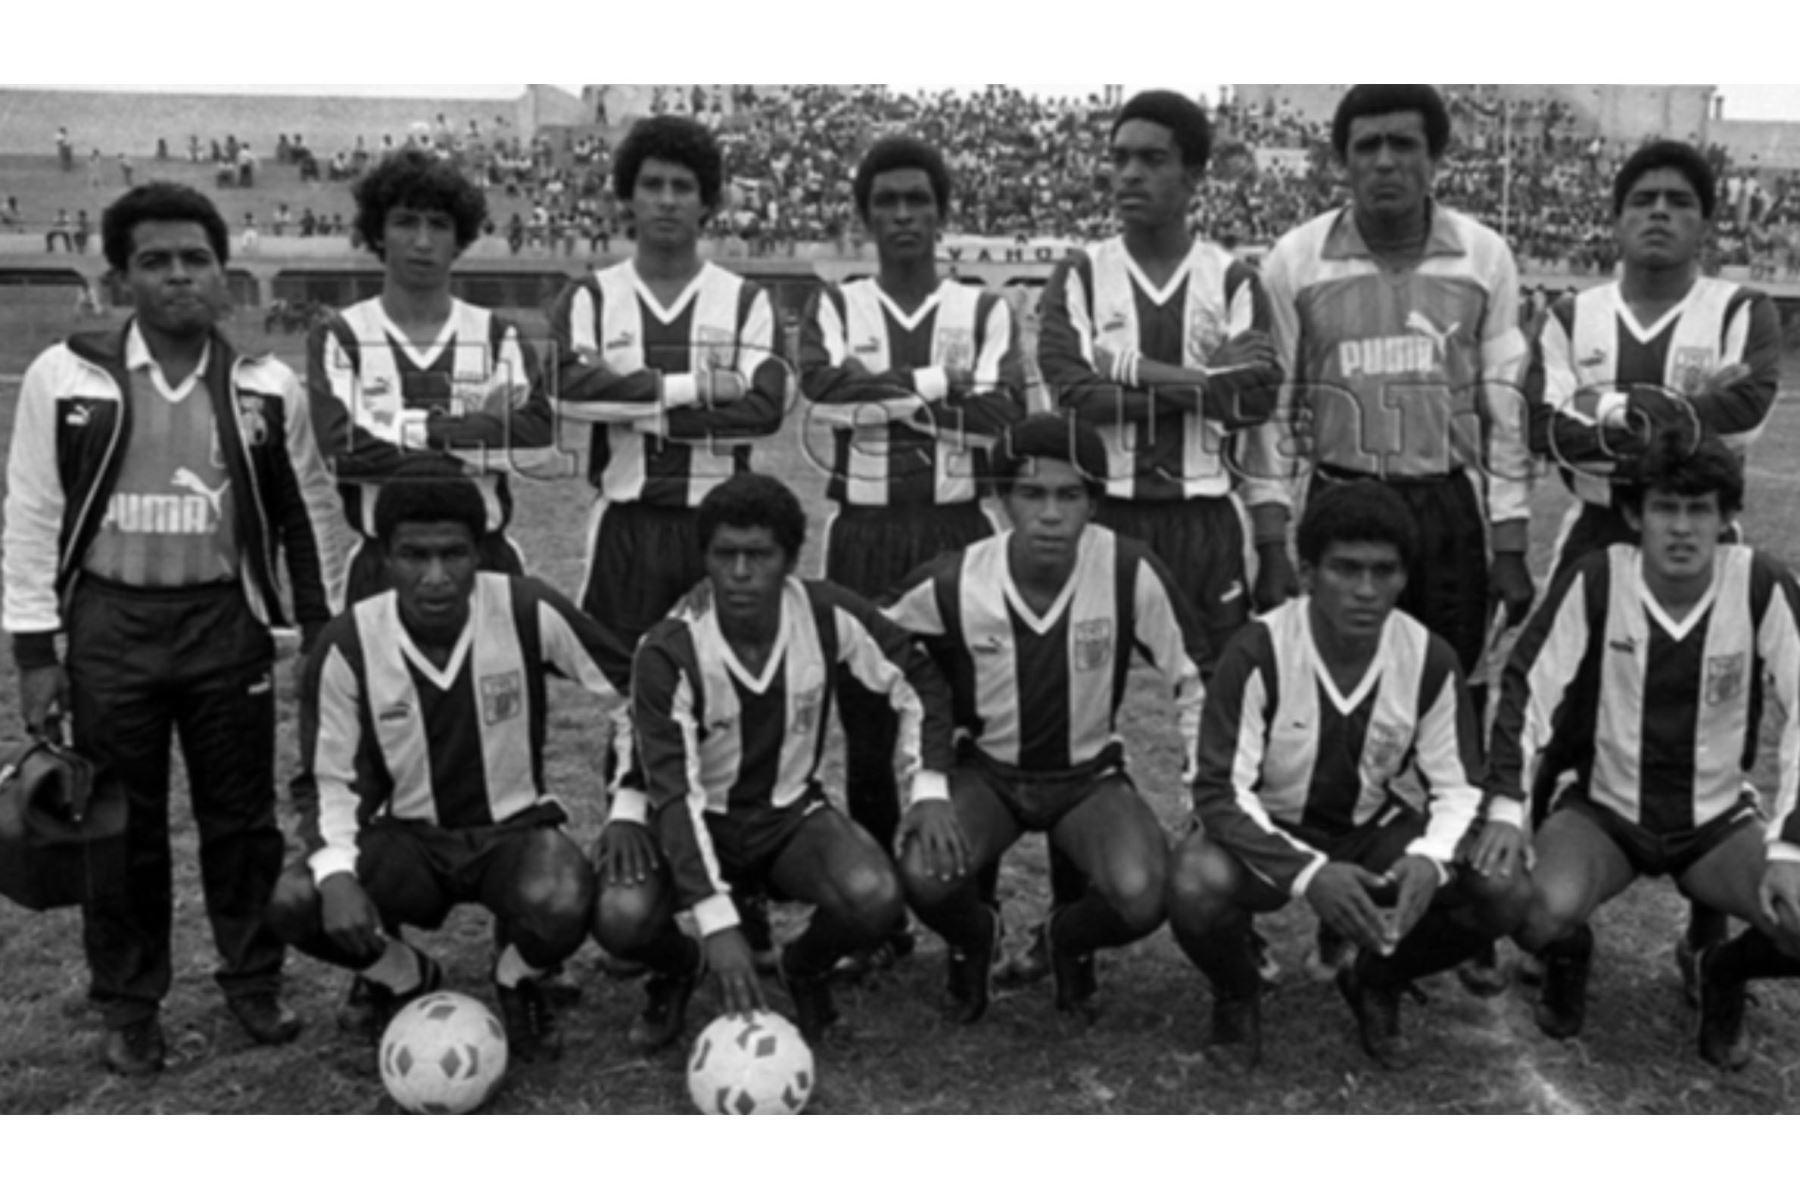 Diciembre 1987 /  jugadores de Alianza Lima víctimas de la tragedia  que enlutó al futbol peruano tras la caída del avión fokker al mar de Ventanilla.  Foto: ARCHIVO HISTORICO DE EL PERUANO